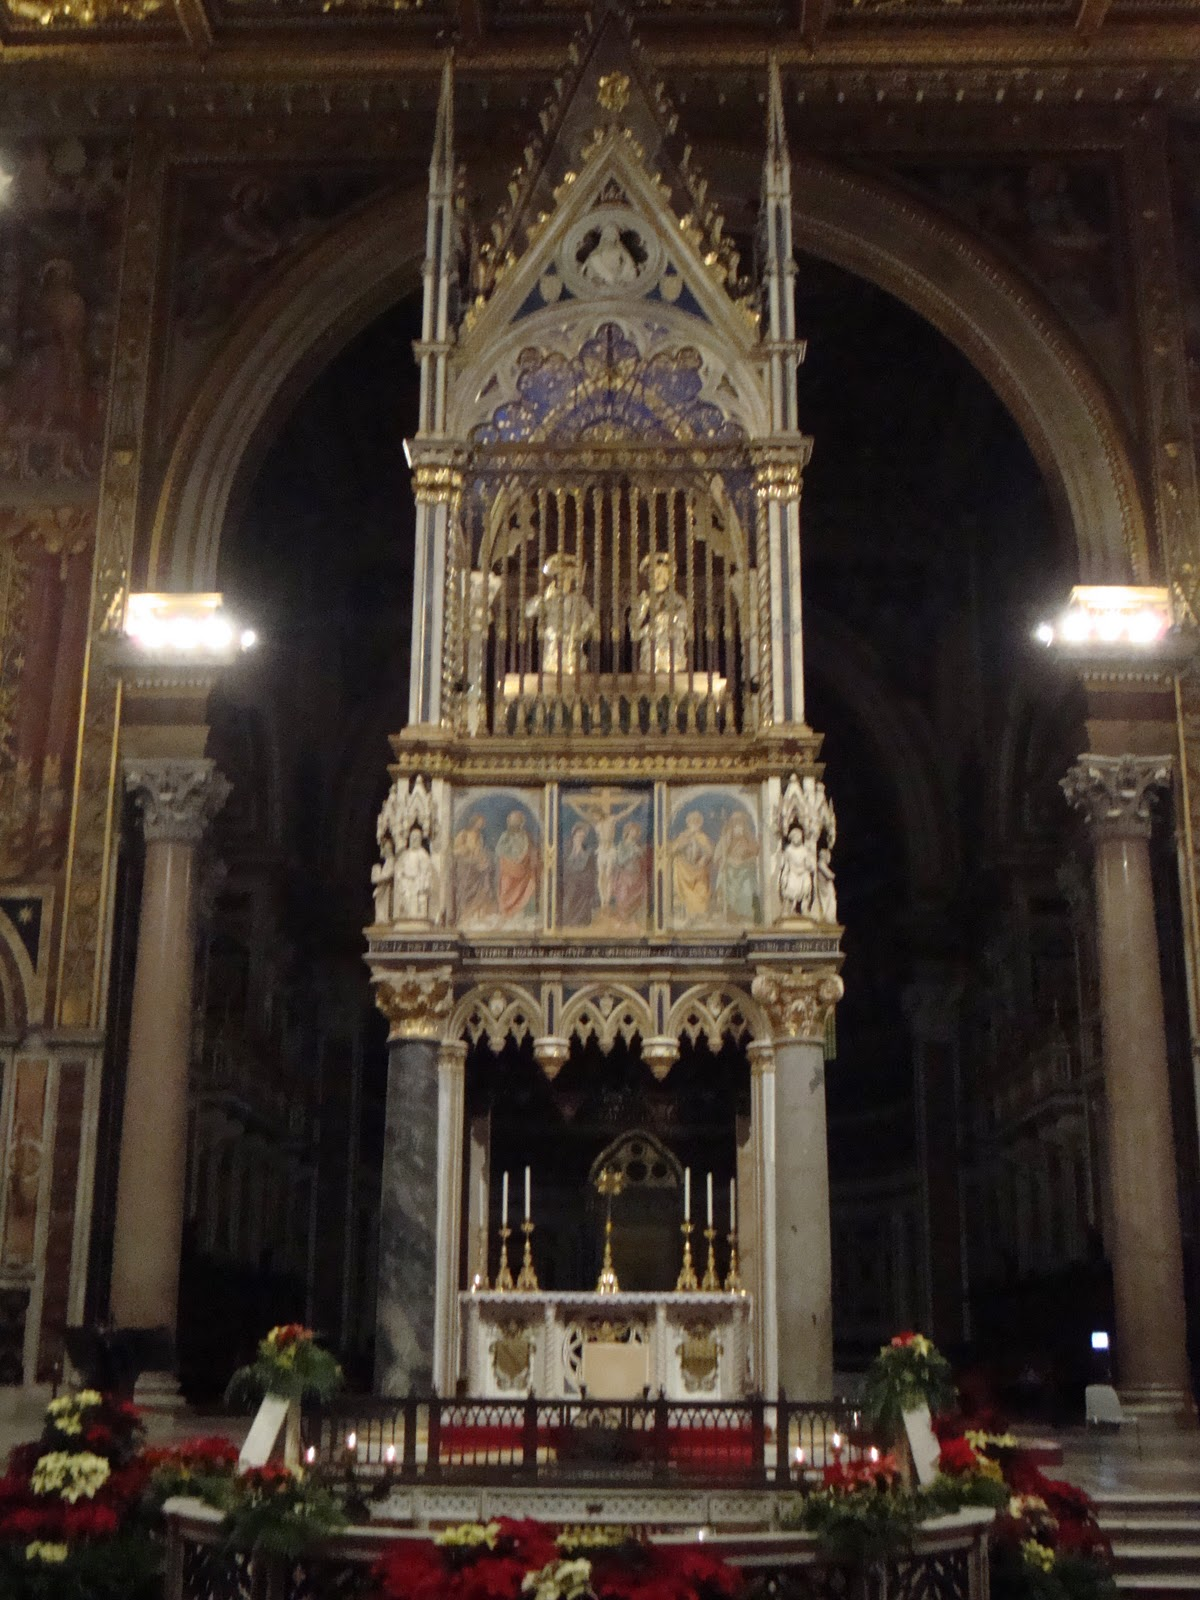 Arquitectura arte sacro y liturgia principios b blico for Arquitectura sacro